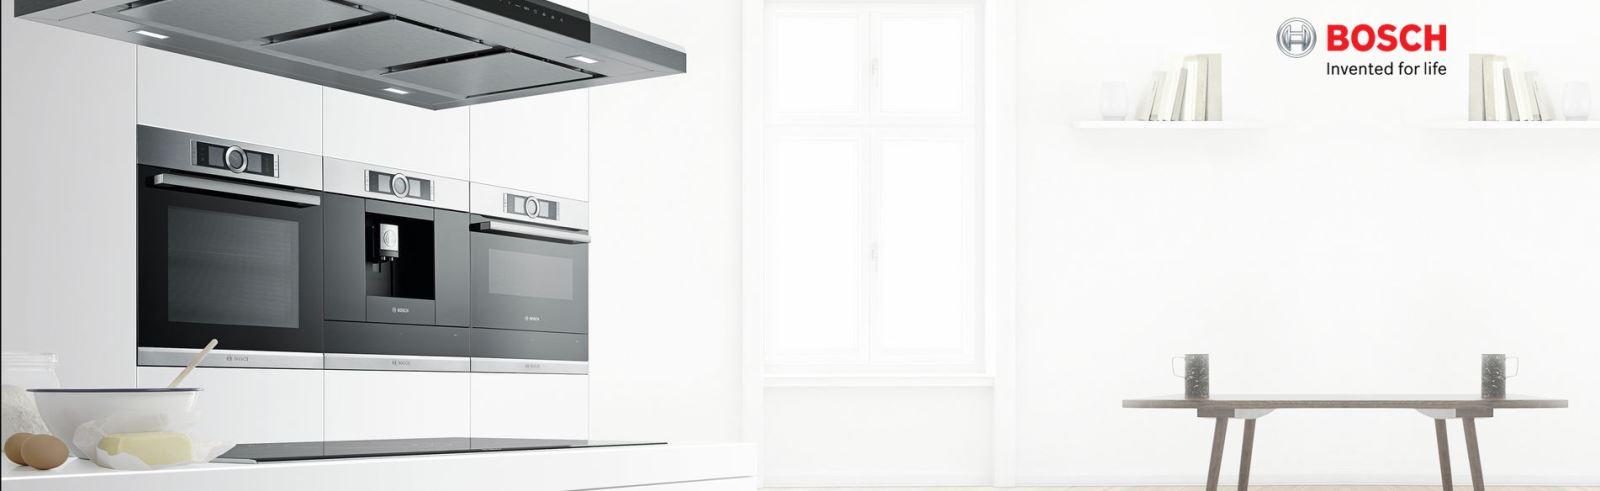 Kích thước tiêu chuẩn nội thất và thiết bị nhà bếp